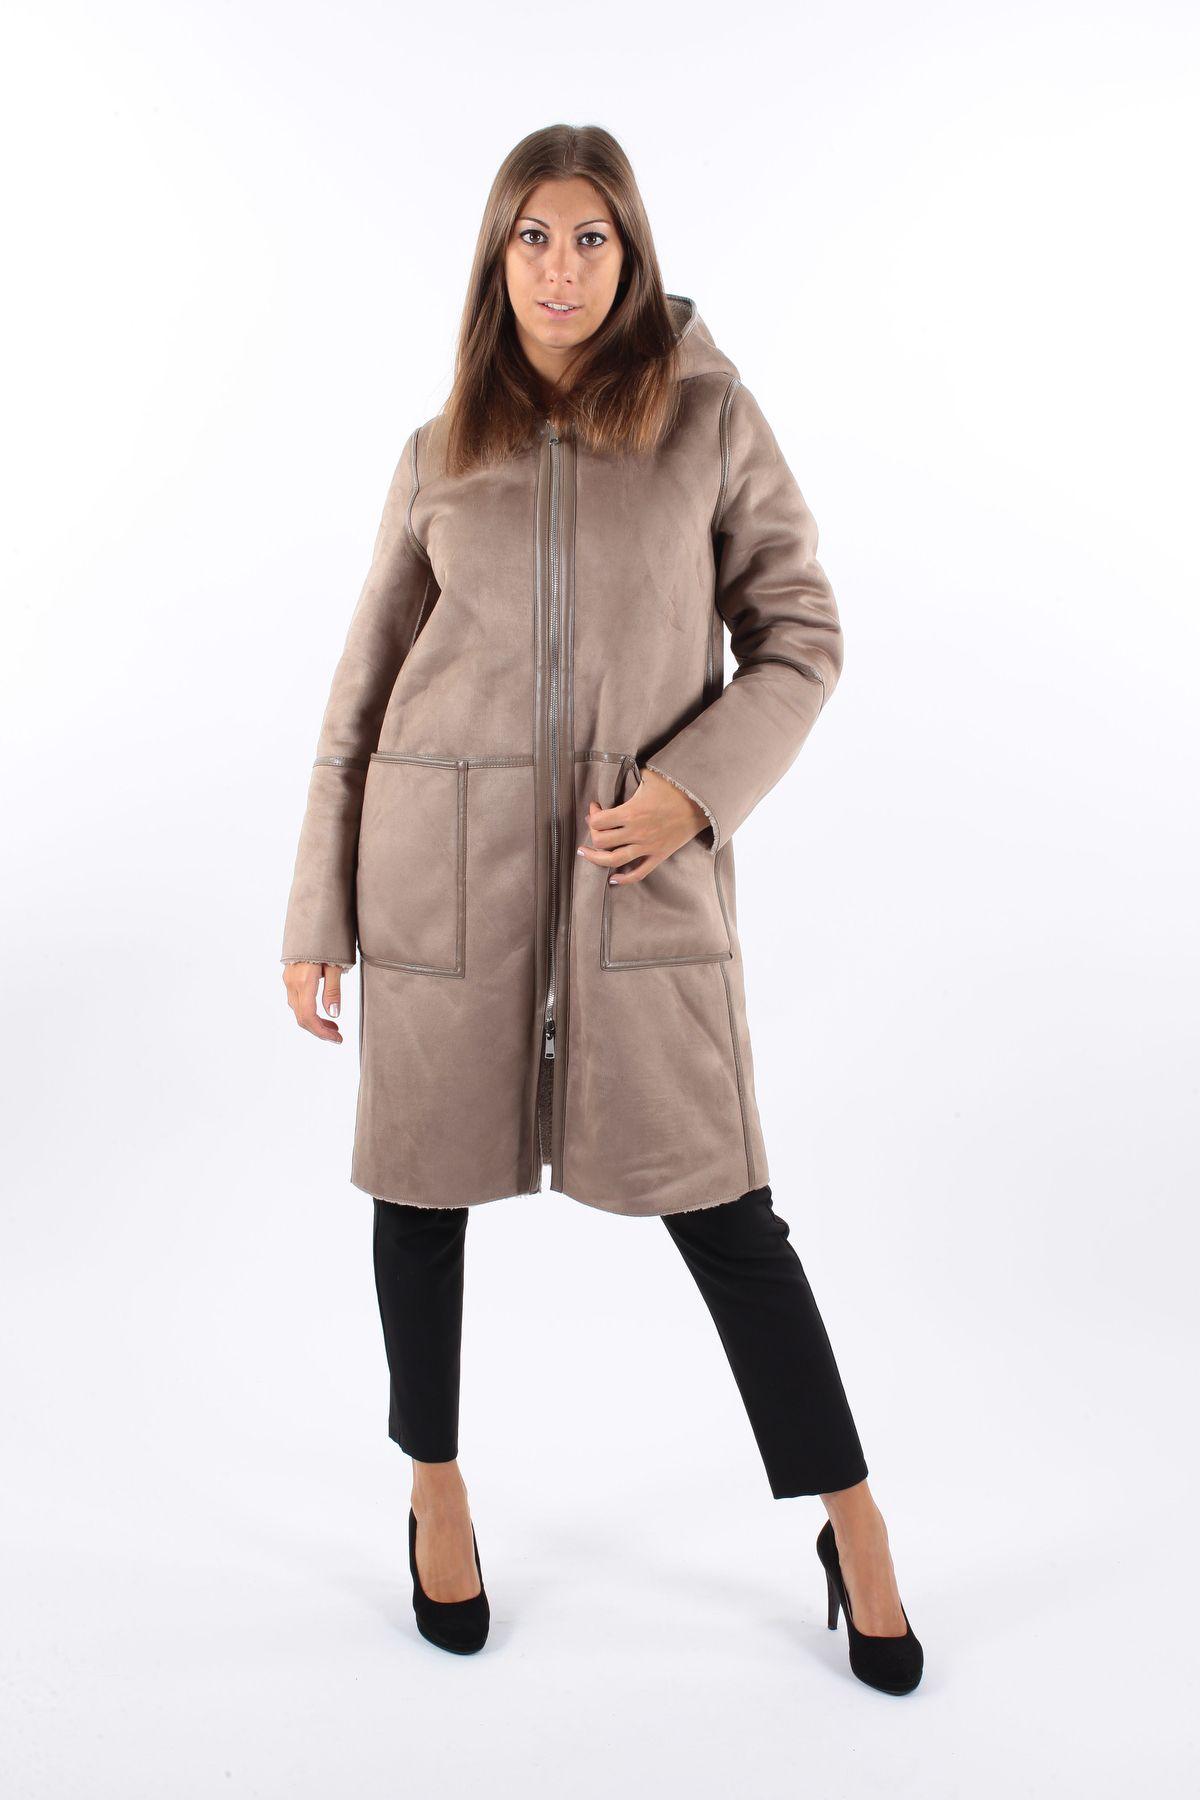 CAPPOTTO MONTONE LUNGO CON CAPPUCCIO REVERSIBILE  for woman -  - Paquito Pronto Moda Shop Online